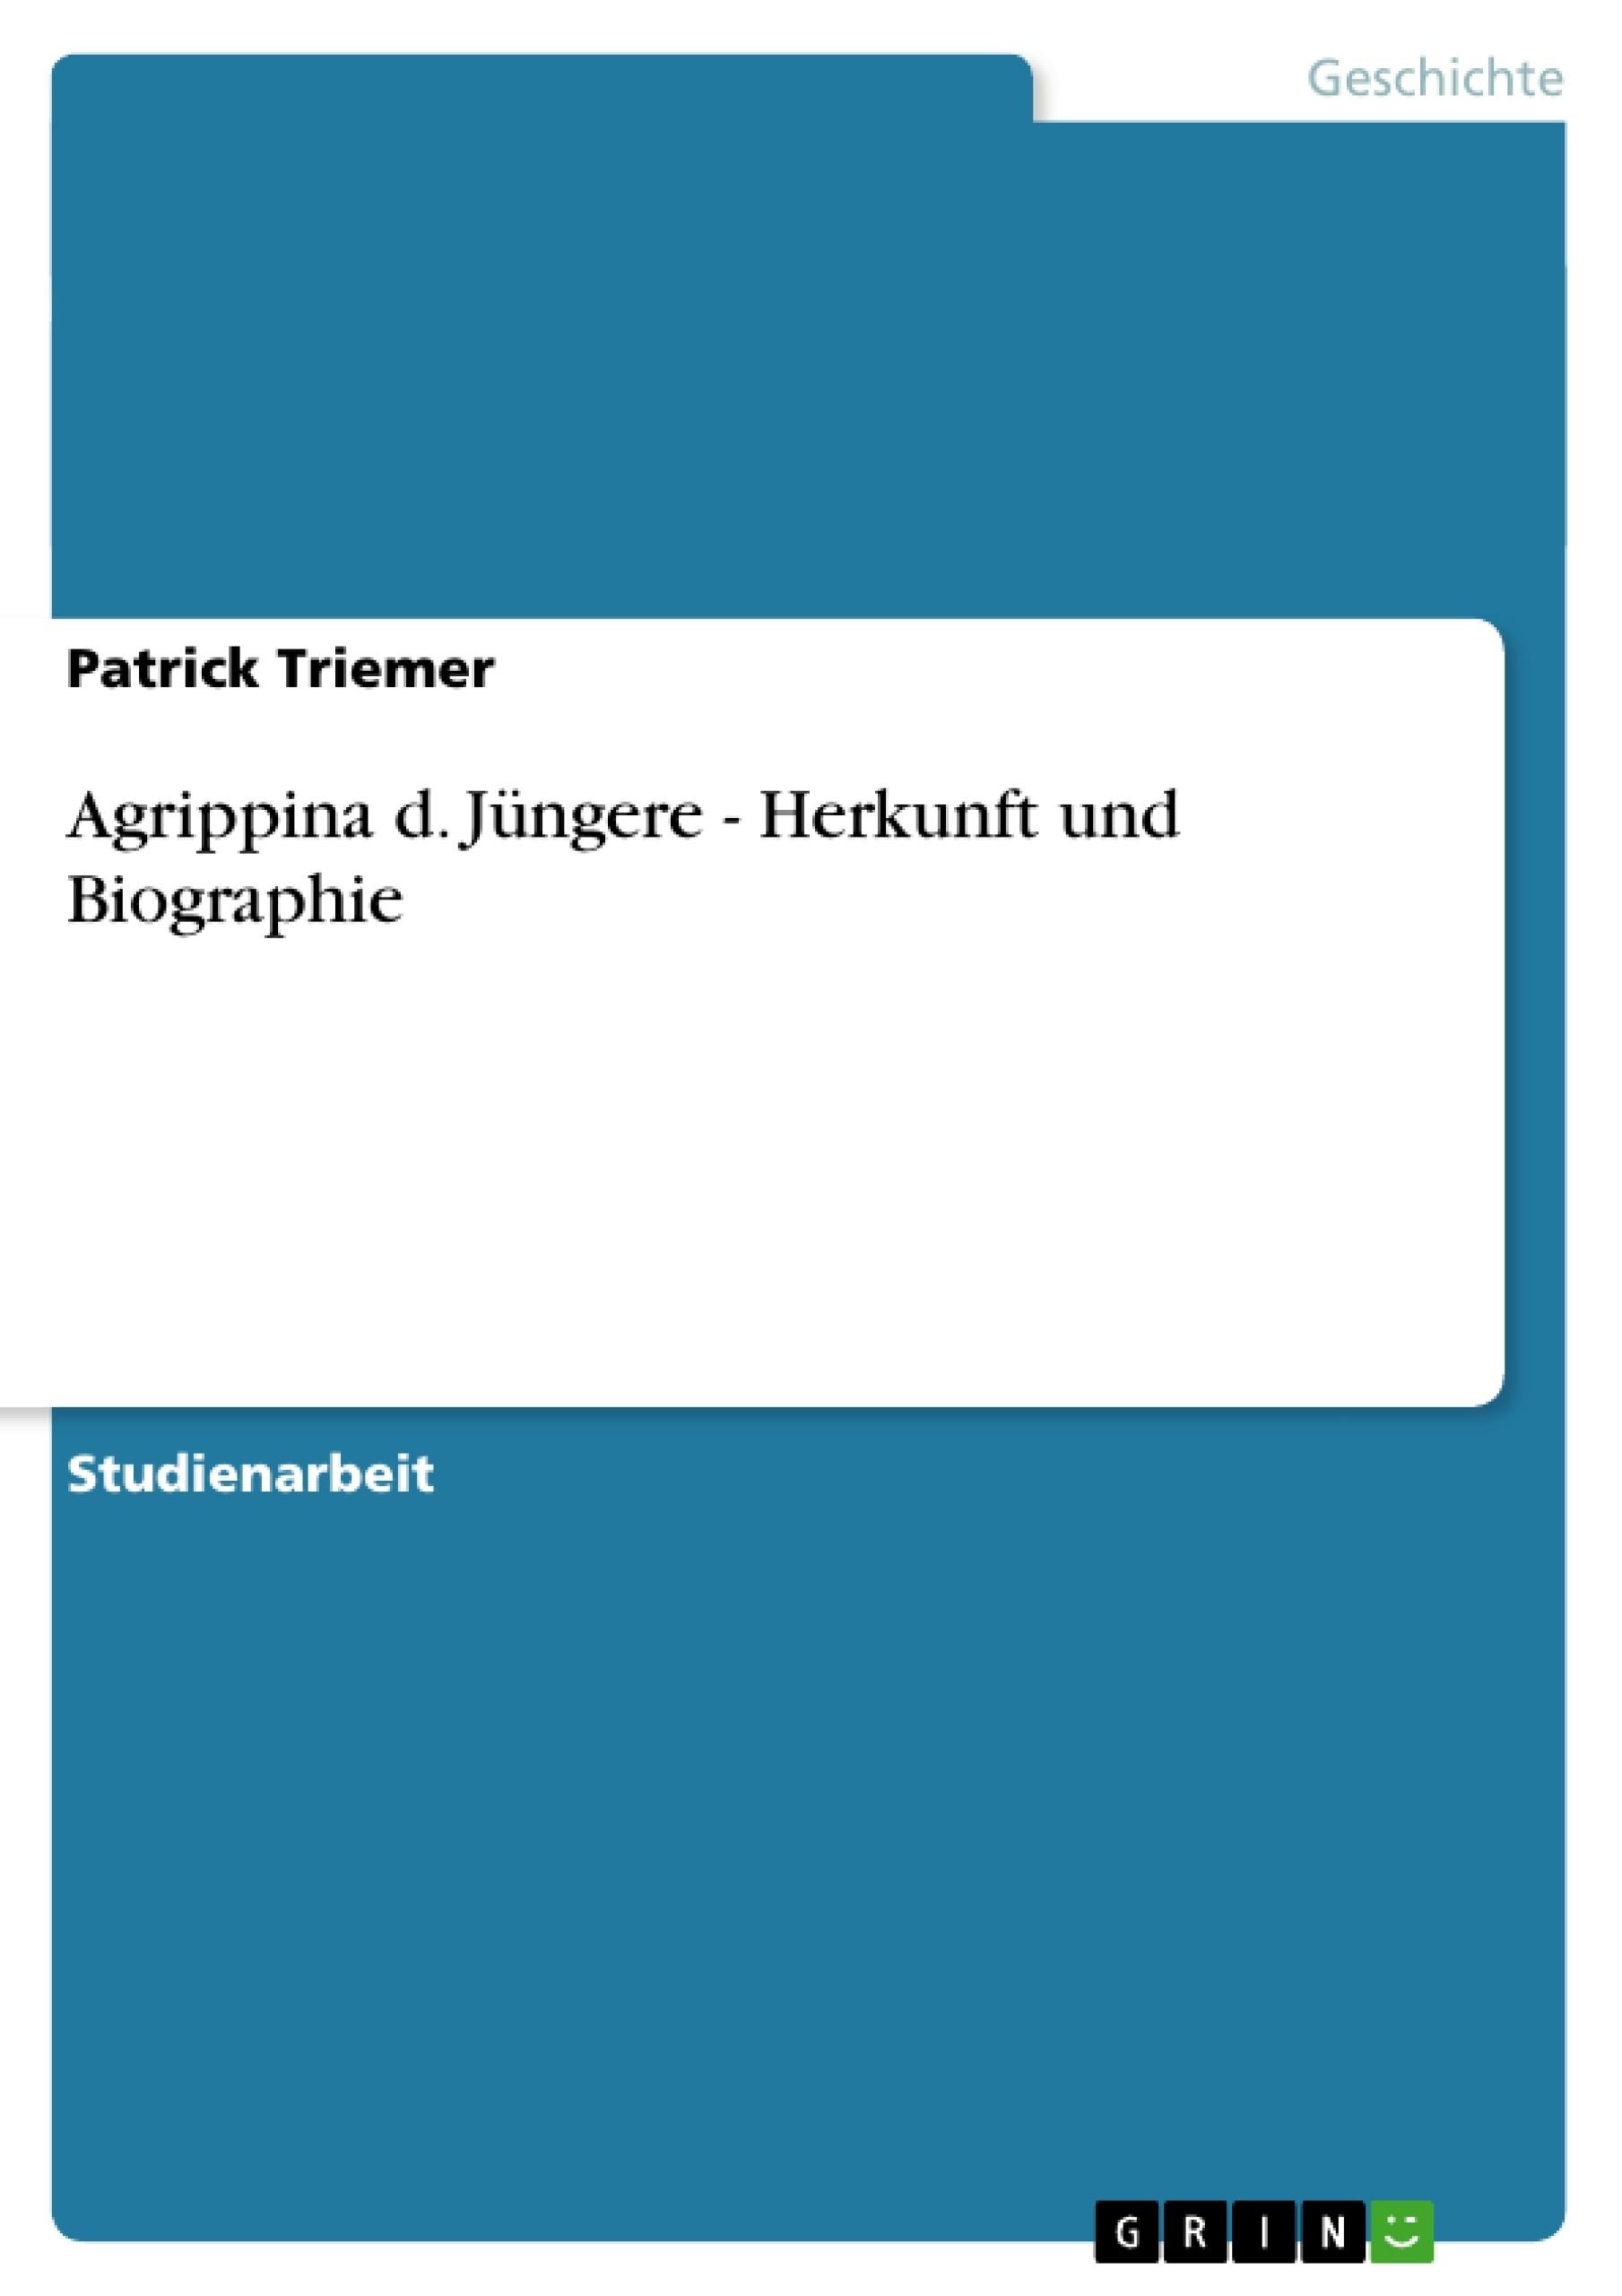 Titel: Agrippina d. Jüngere - Herkunft und Biographie